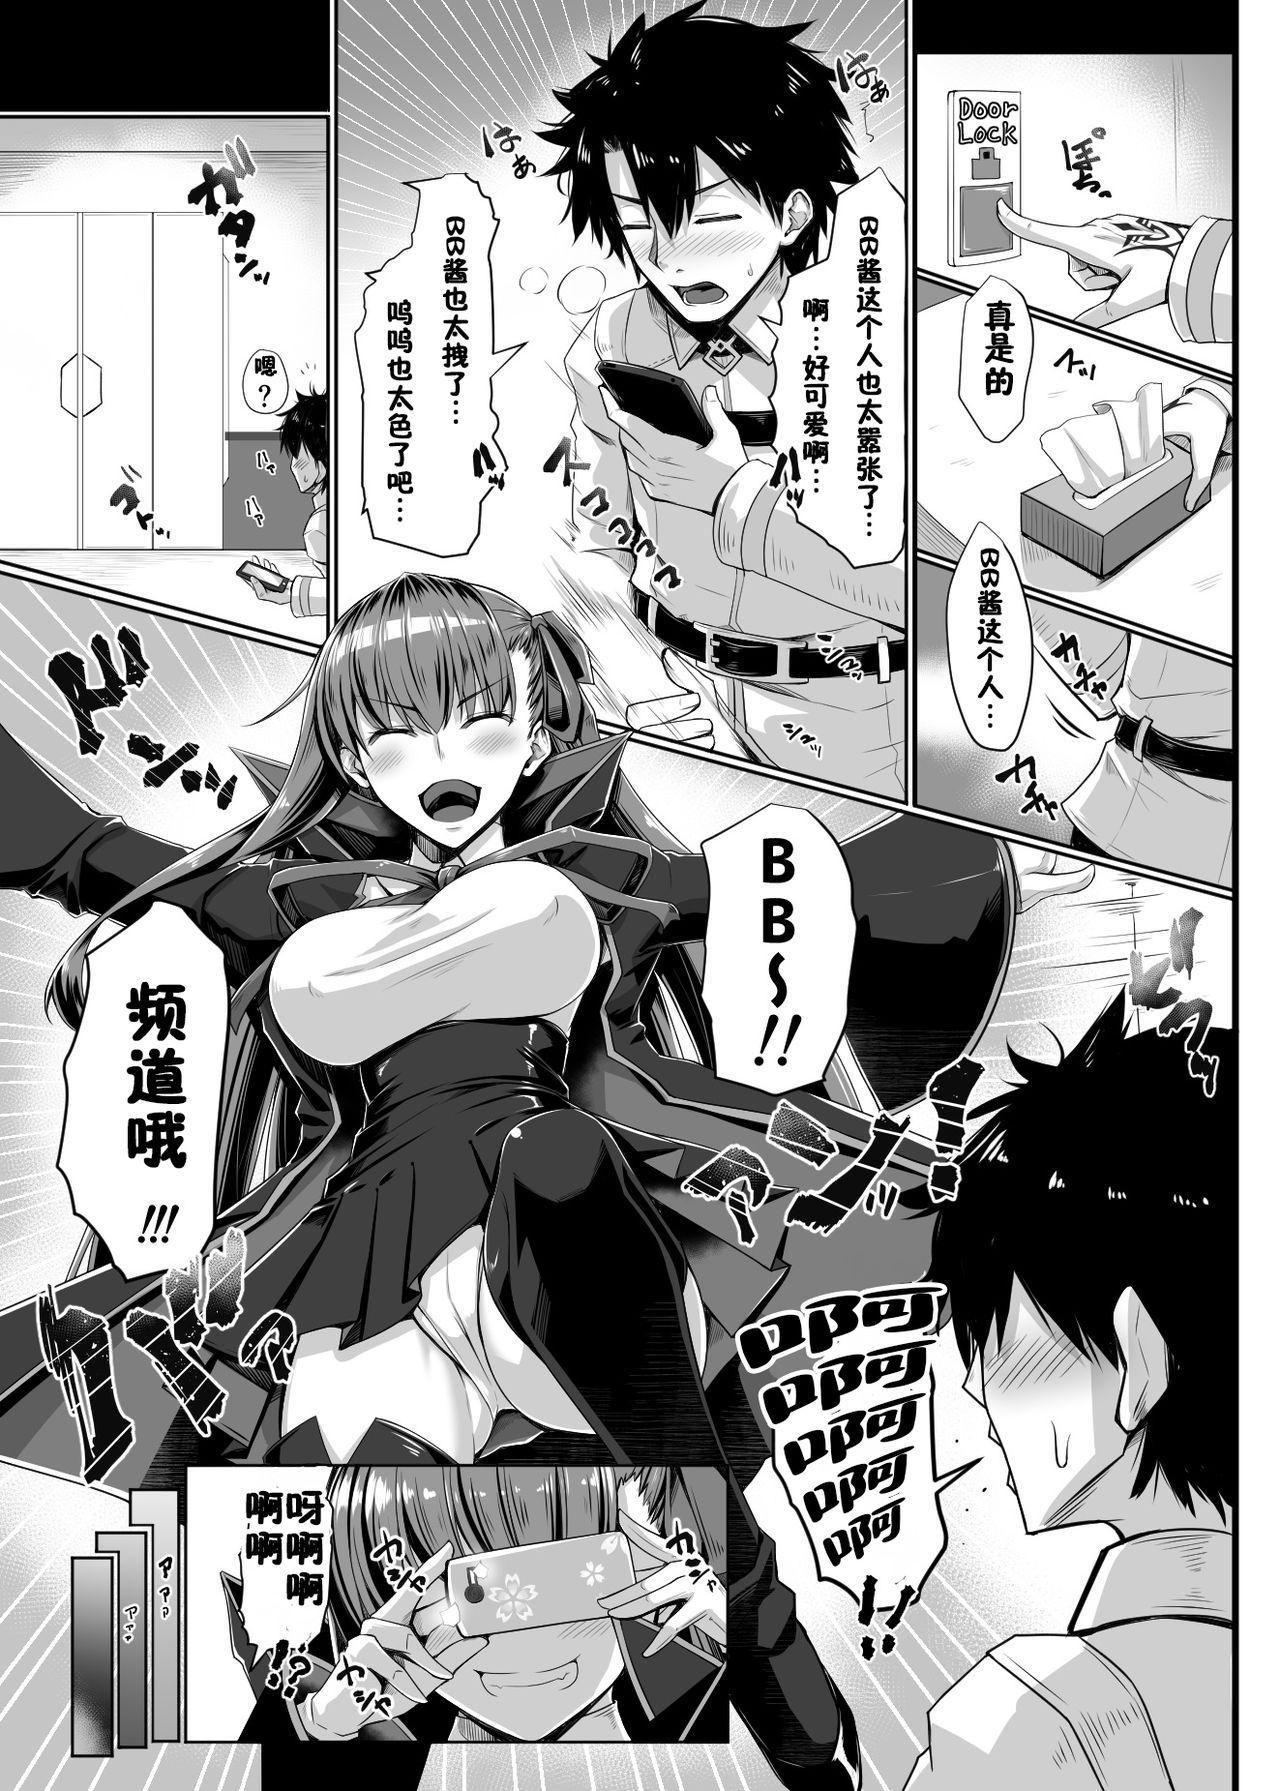 BB-chan no Koto nanka Zenzen Suki ja Nain dakara ne! 3